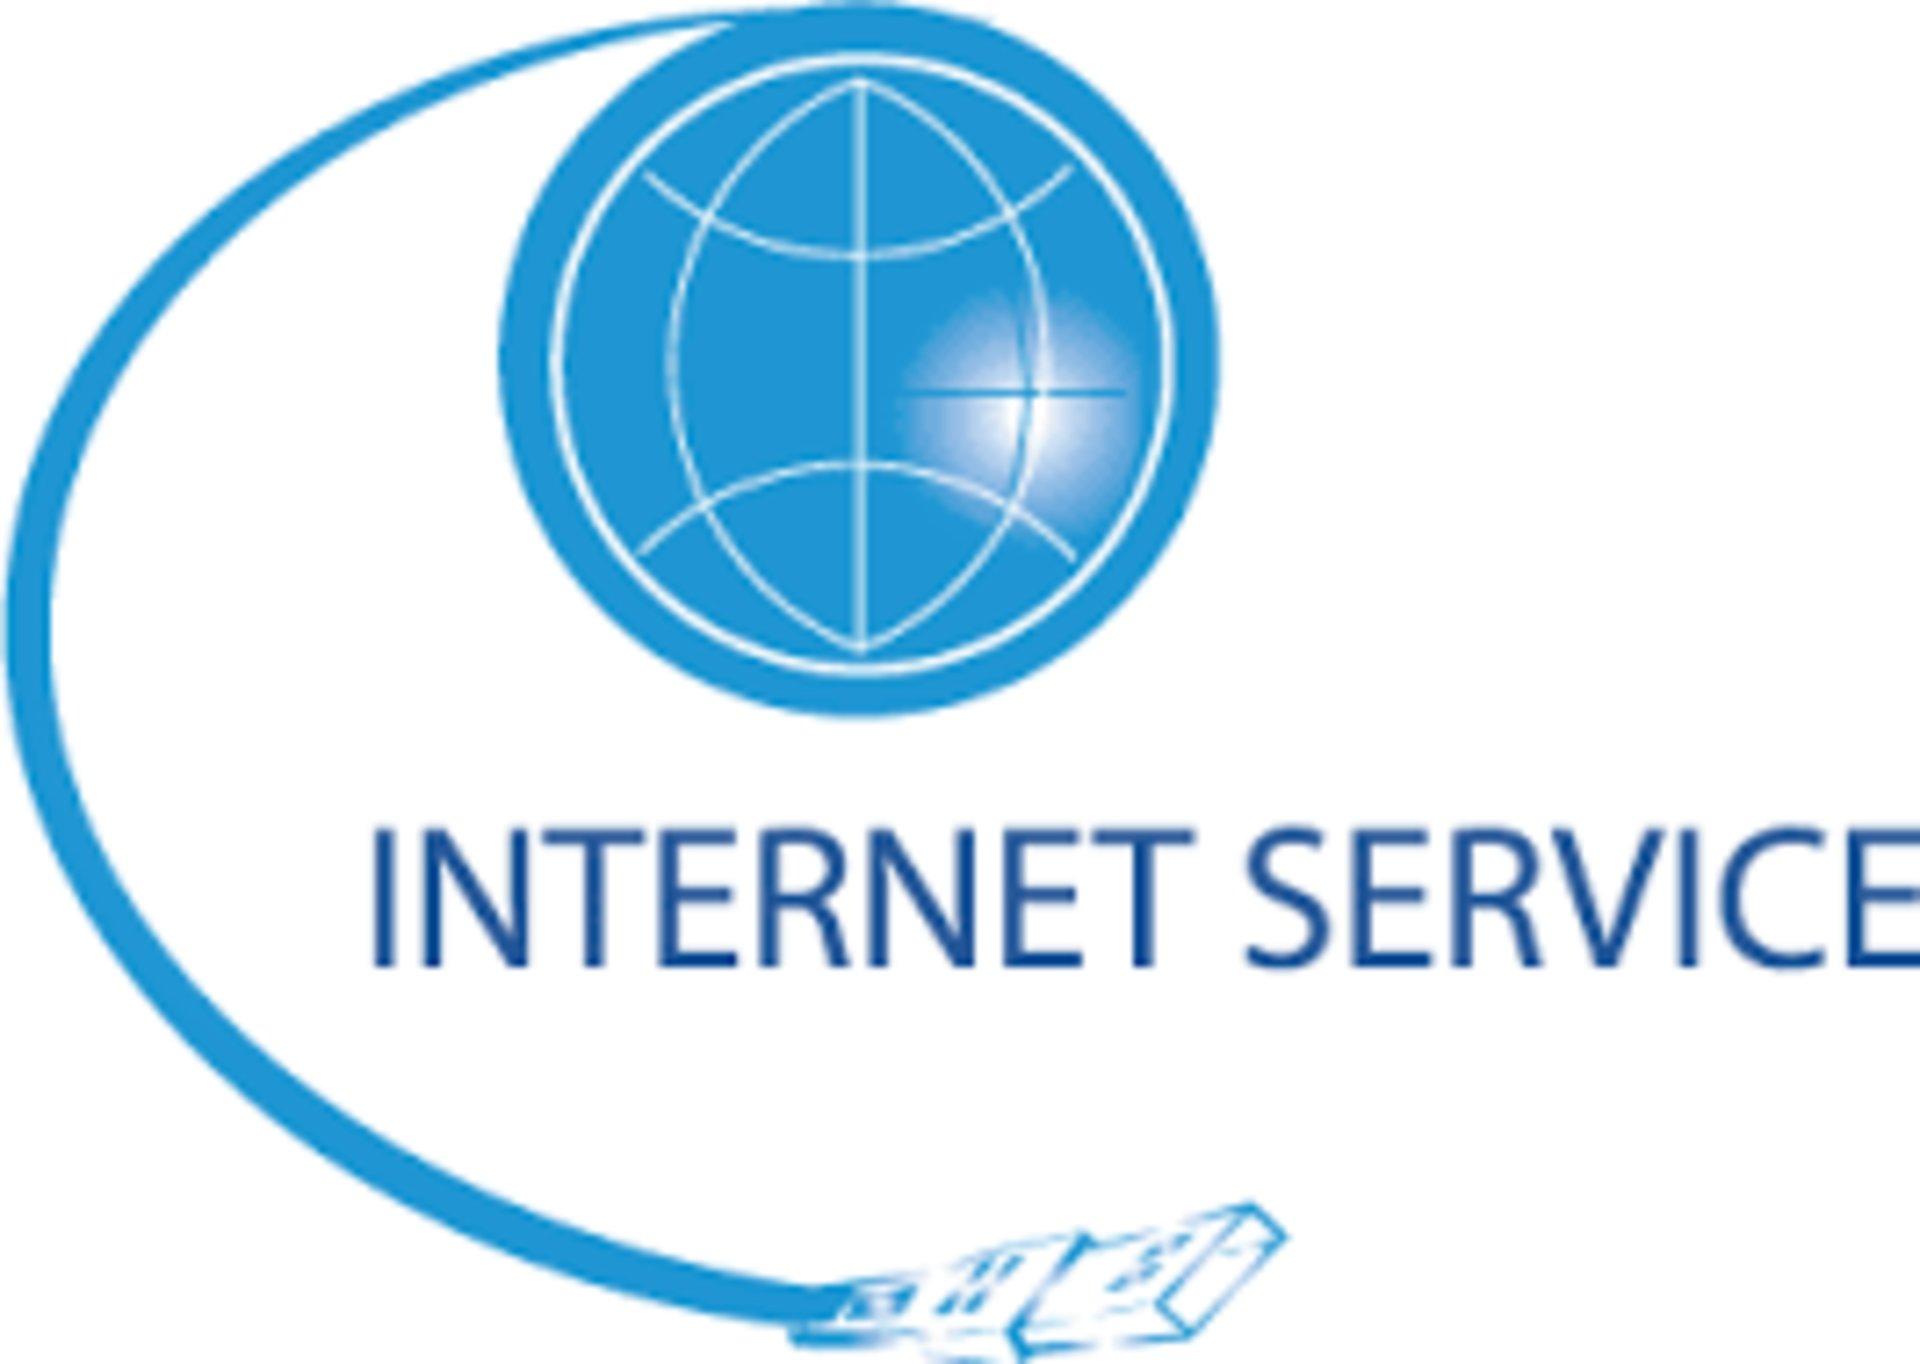 Internet Service Provider Chicago Area   internetservicechiago